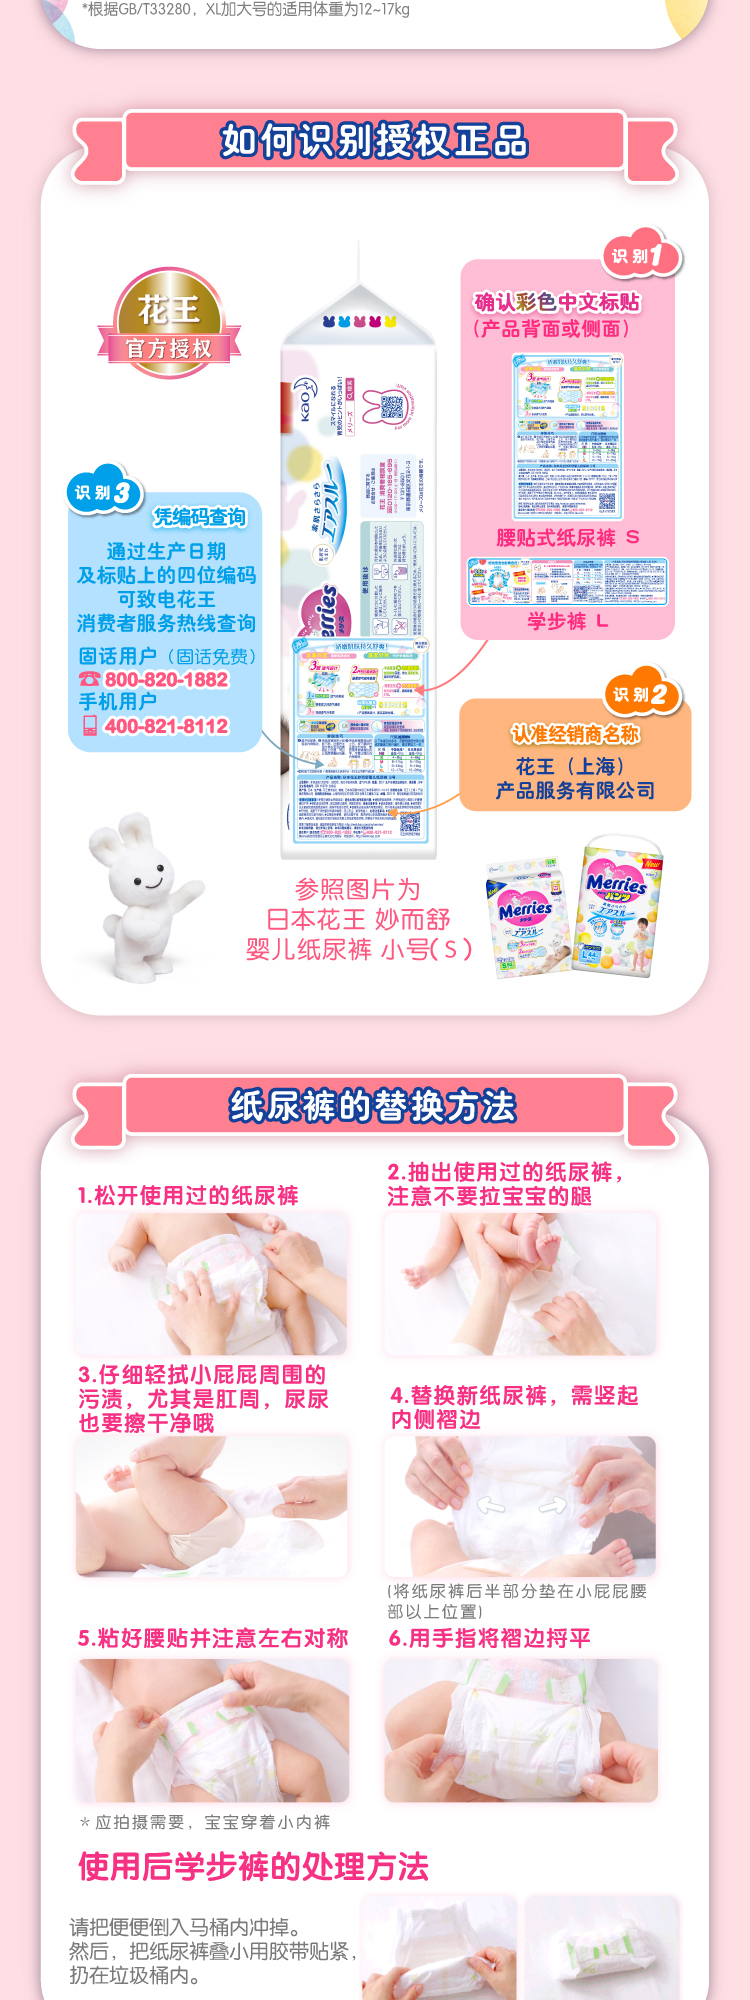 日本花王妙而舒尿不湿婴儿男女宝宝纸尿裤片包超薄透气装详细照片